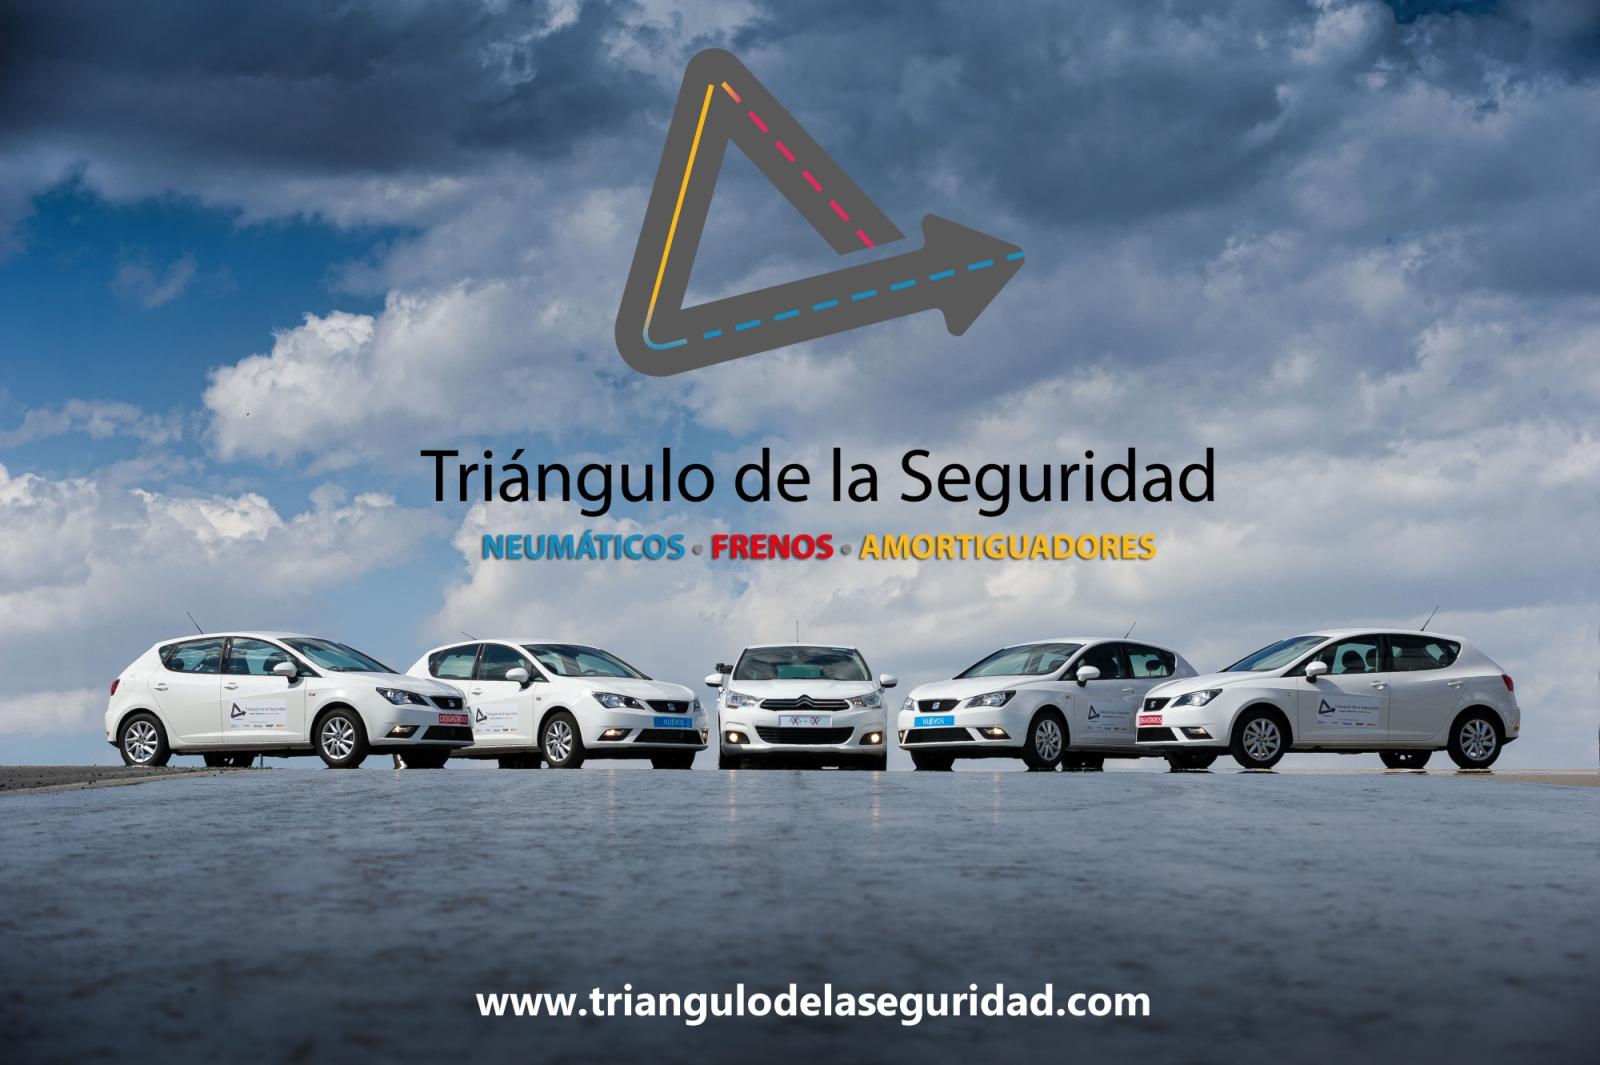 CETRAA organiza la campaña Triángulo de la Seguridad